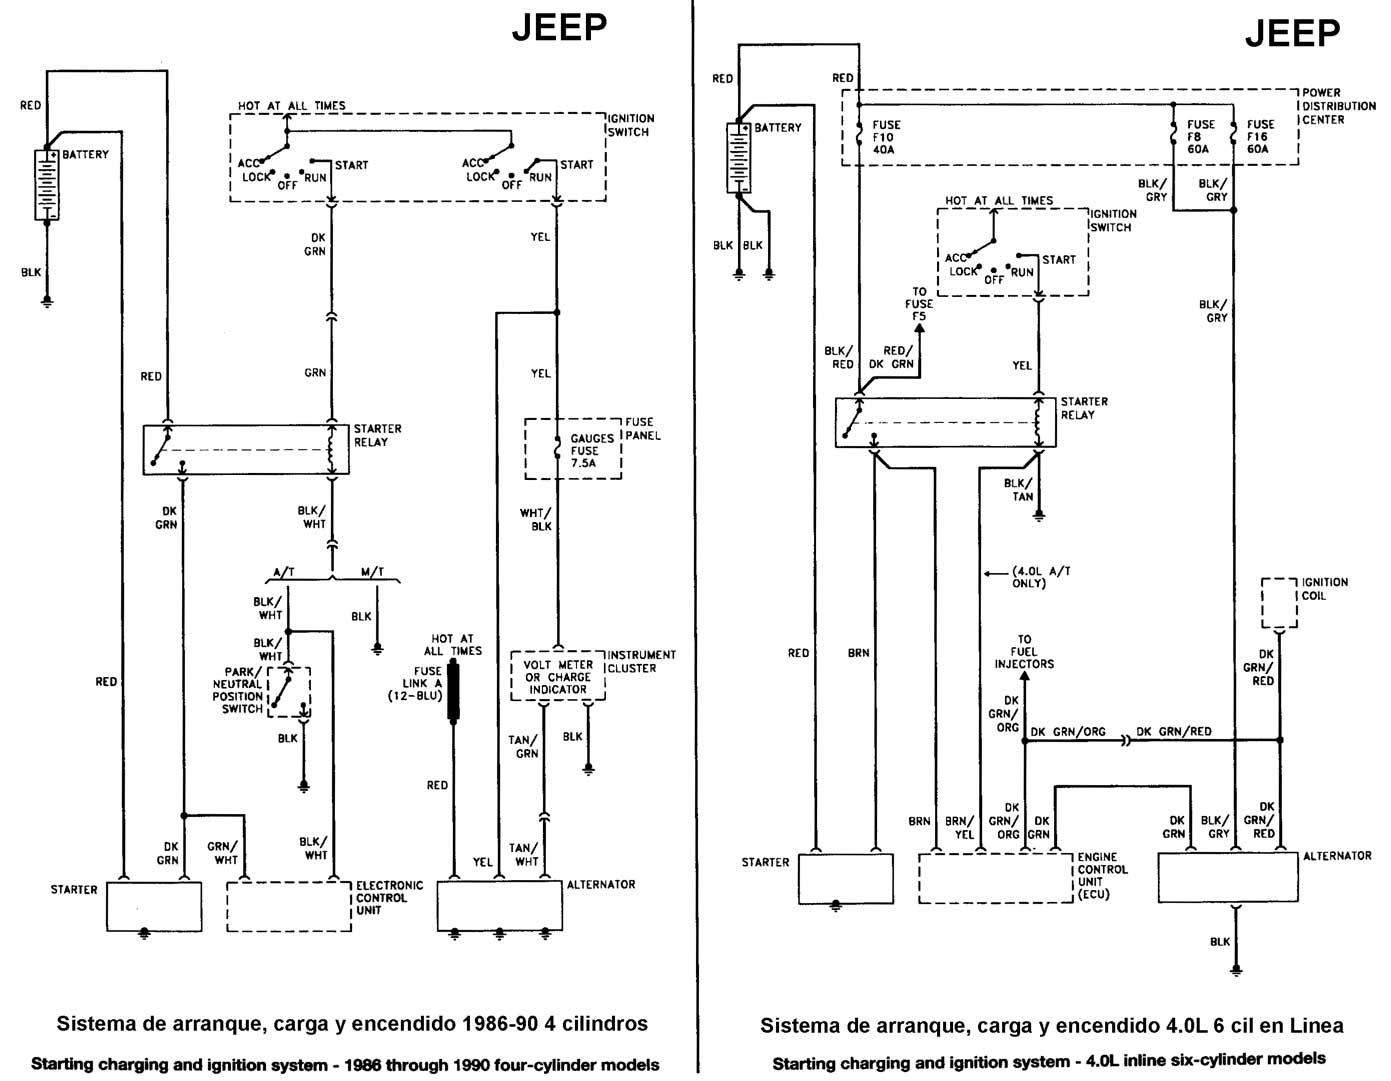 86 jeep comanche diagrama de cableado